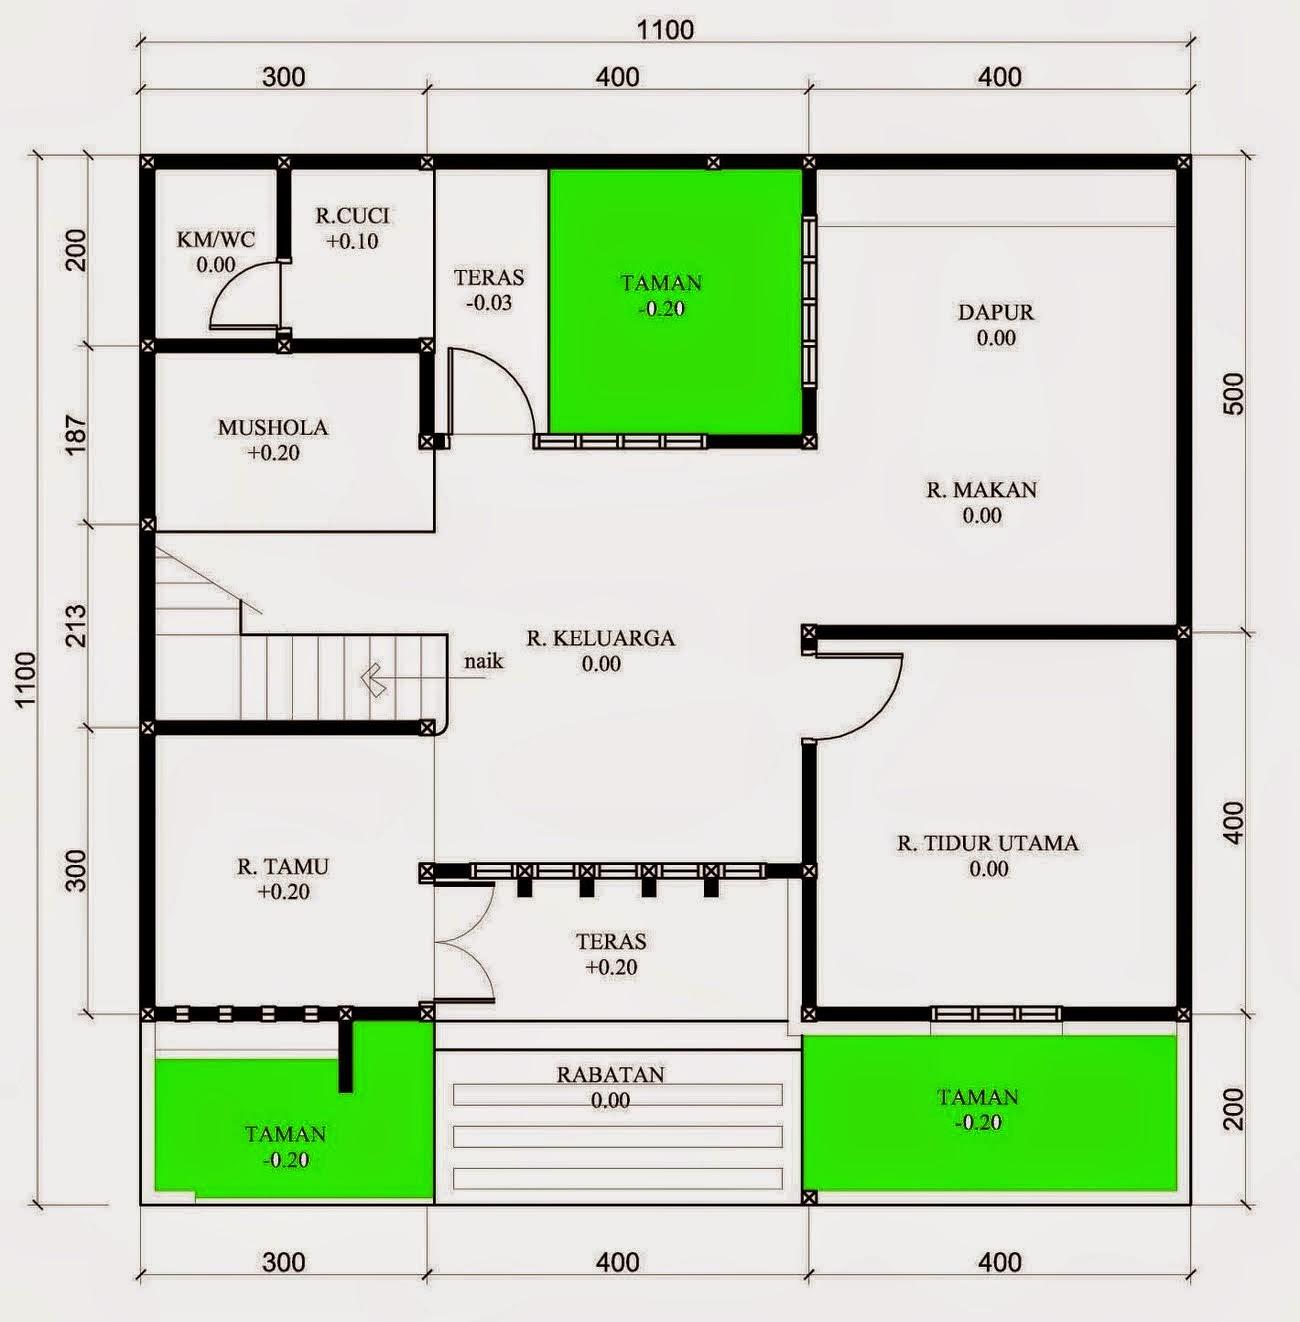 Denah Denah Rumah Ukuran 12 15 Lengkap Rancanghunian Cute766